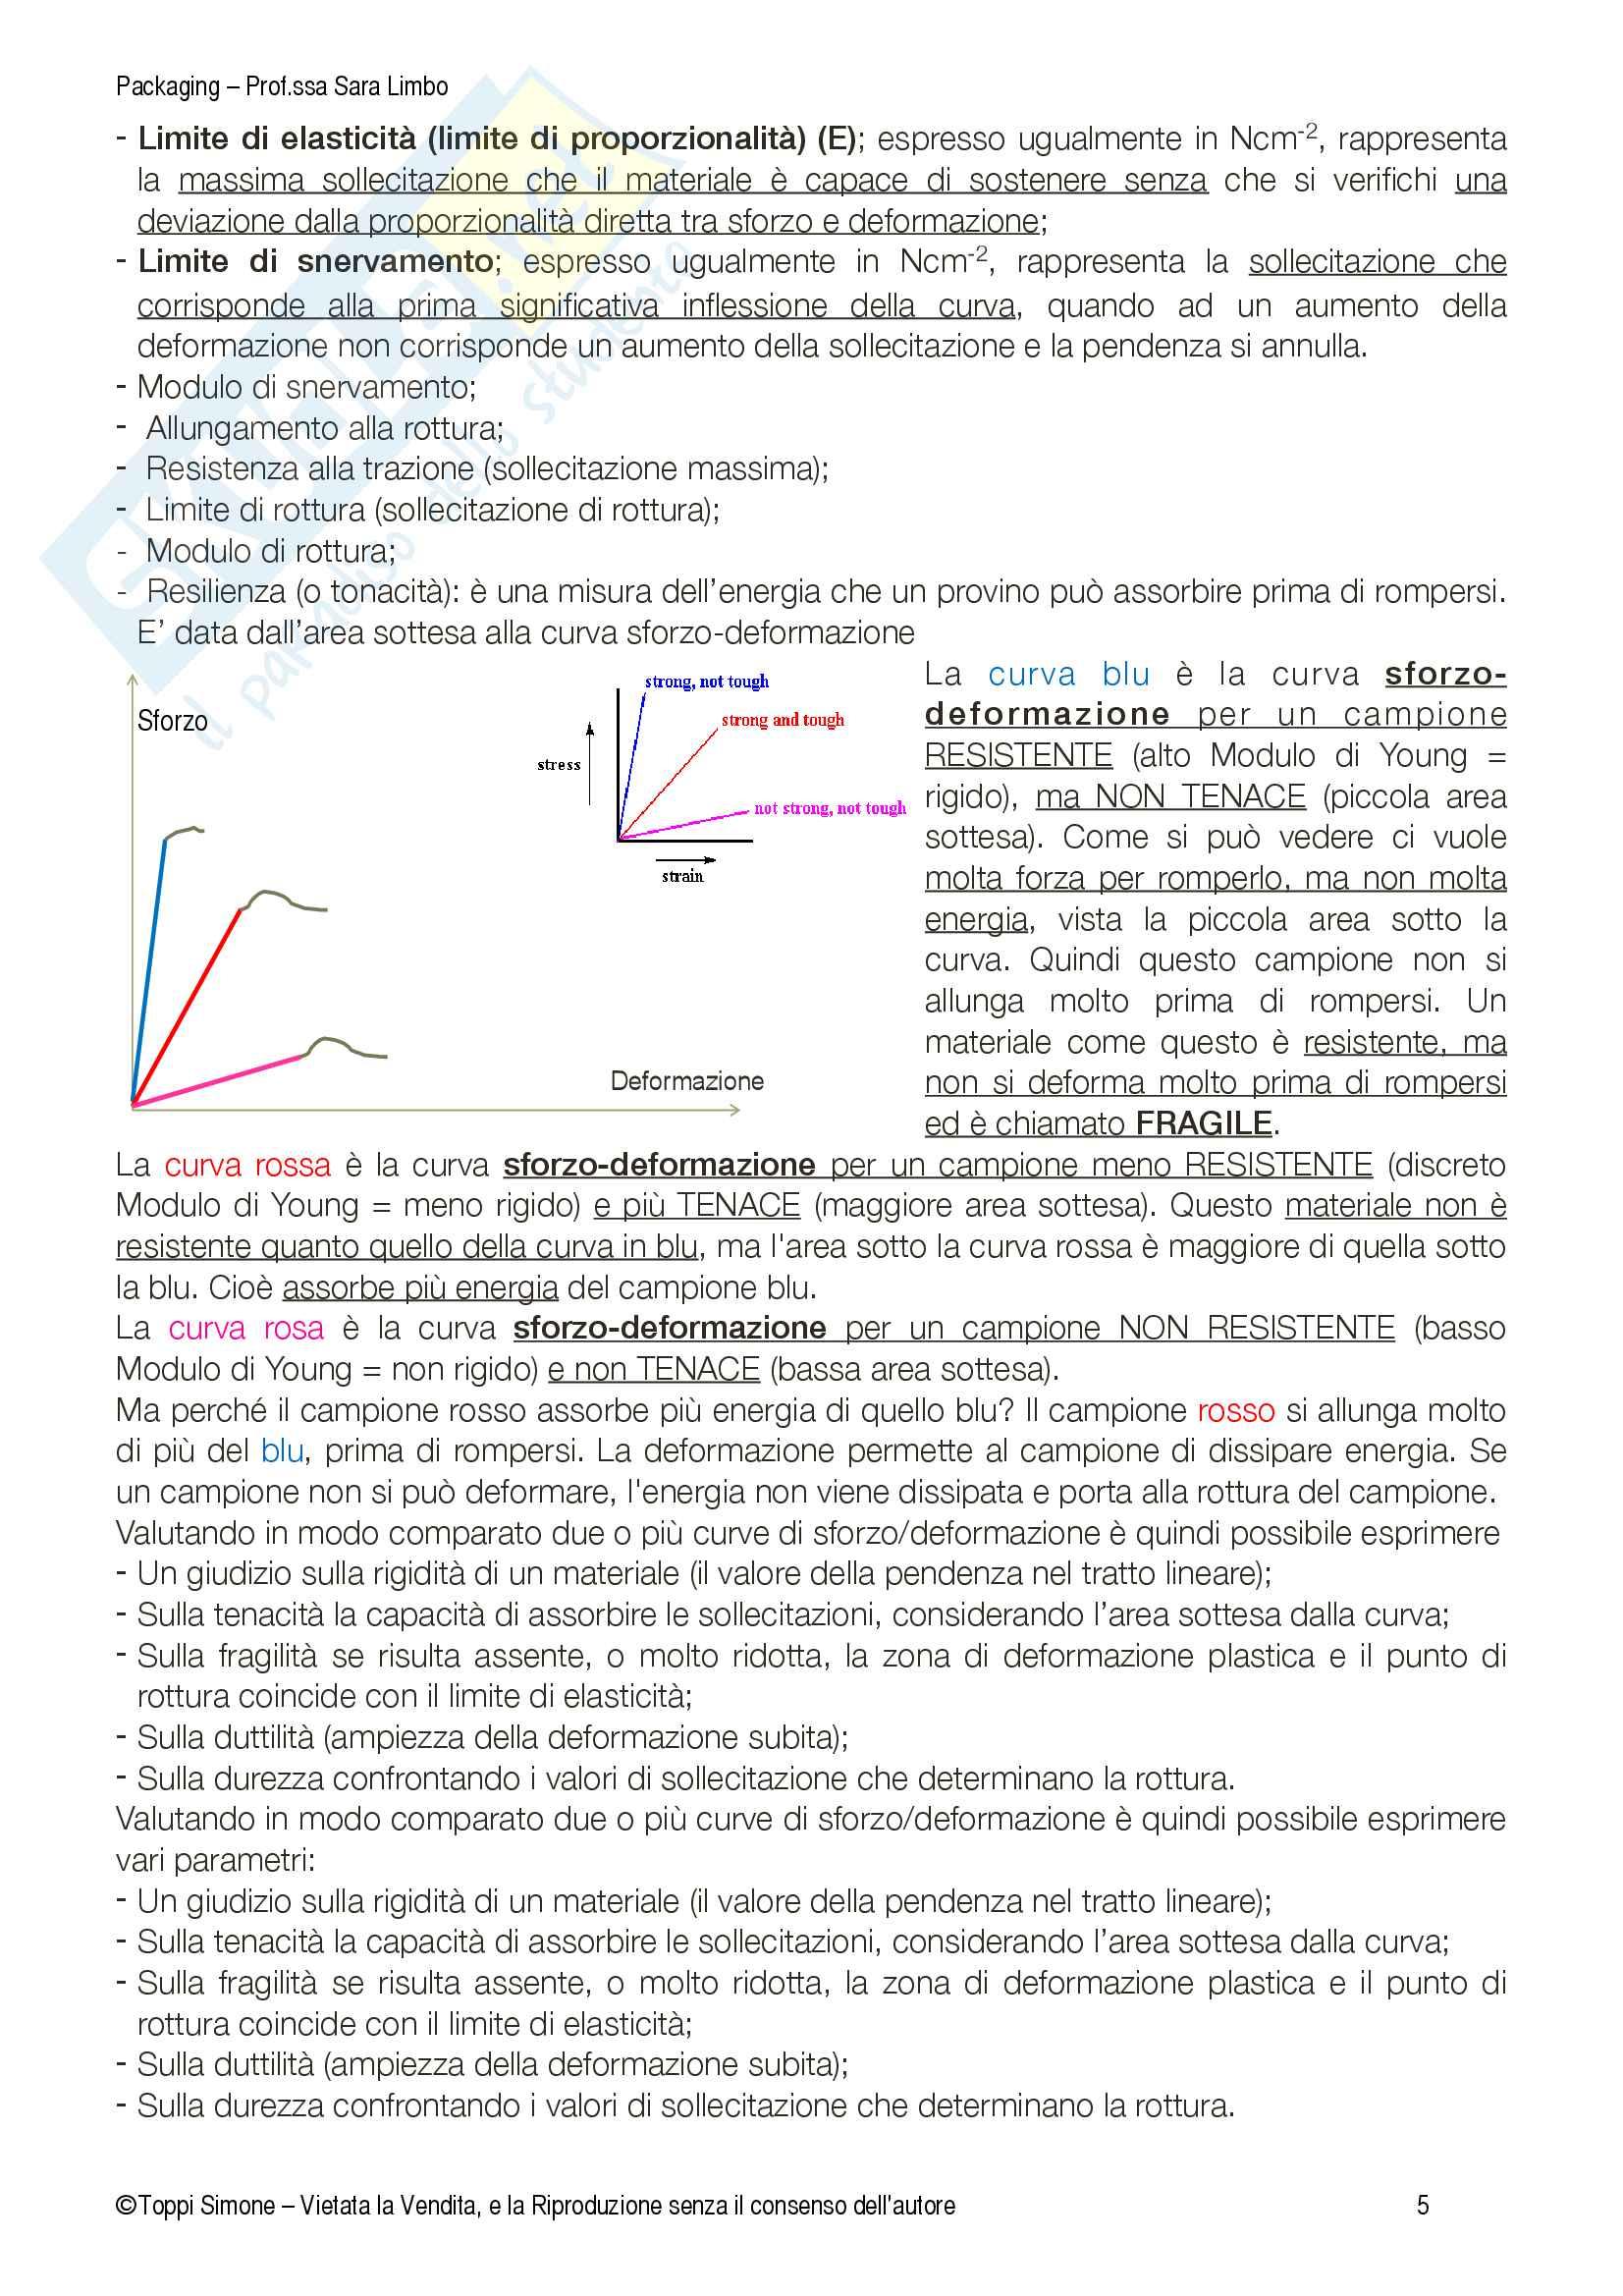 Packaging, (Processi della tecn. alimentare con elementi di packaging, MODULO 2) Pag. 6